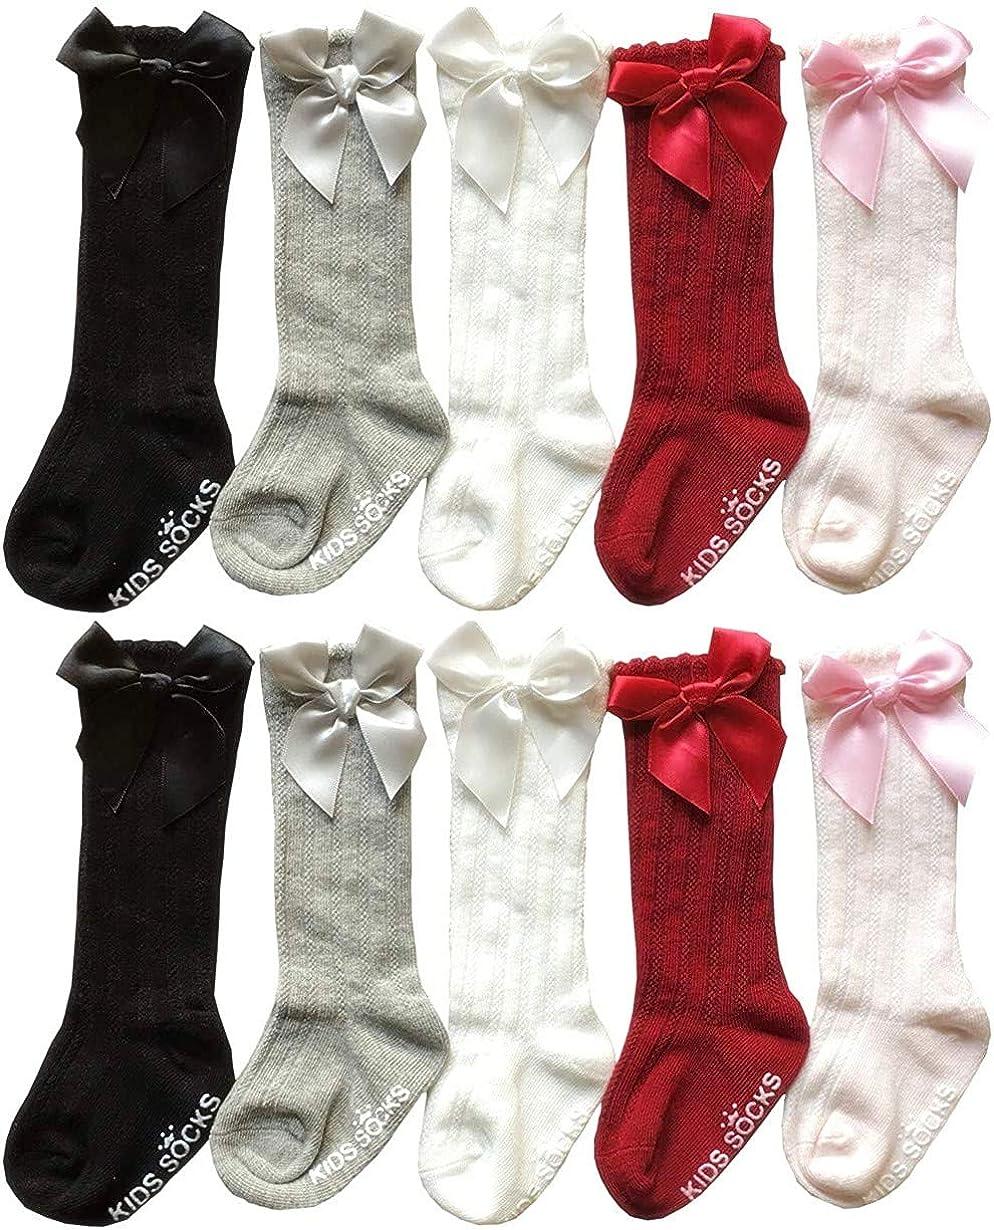 QandSweet Baby Girl Knee-High Socks Toddlers Bow Stockings Newborn Infant Non-Slip Sock